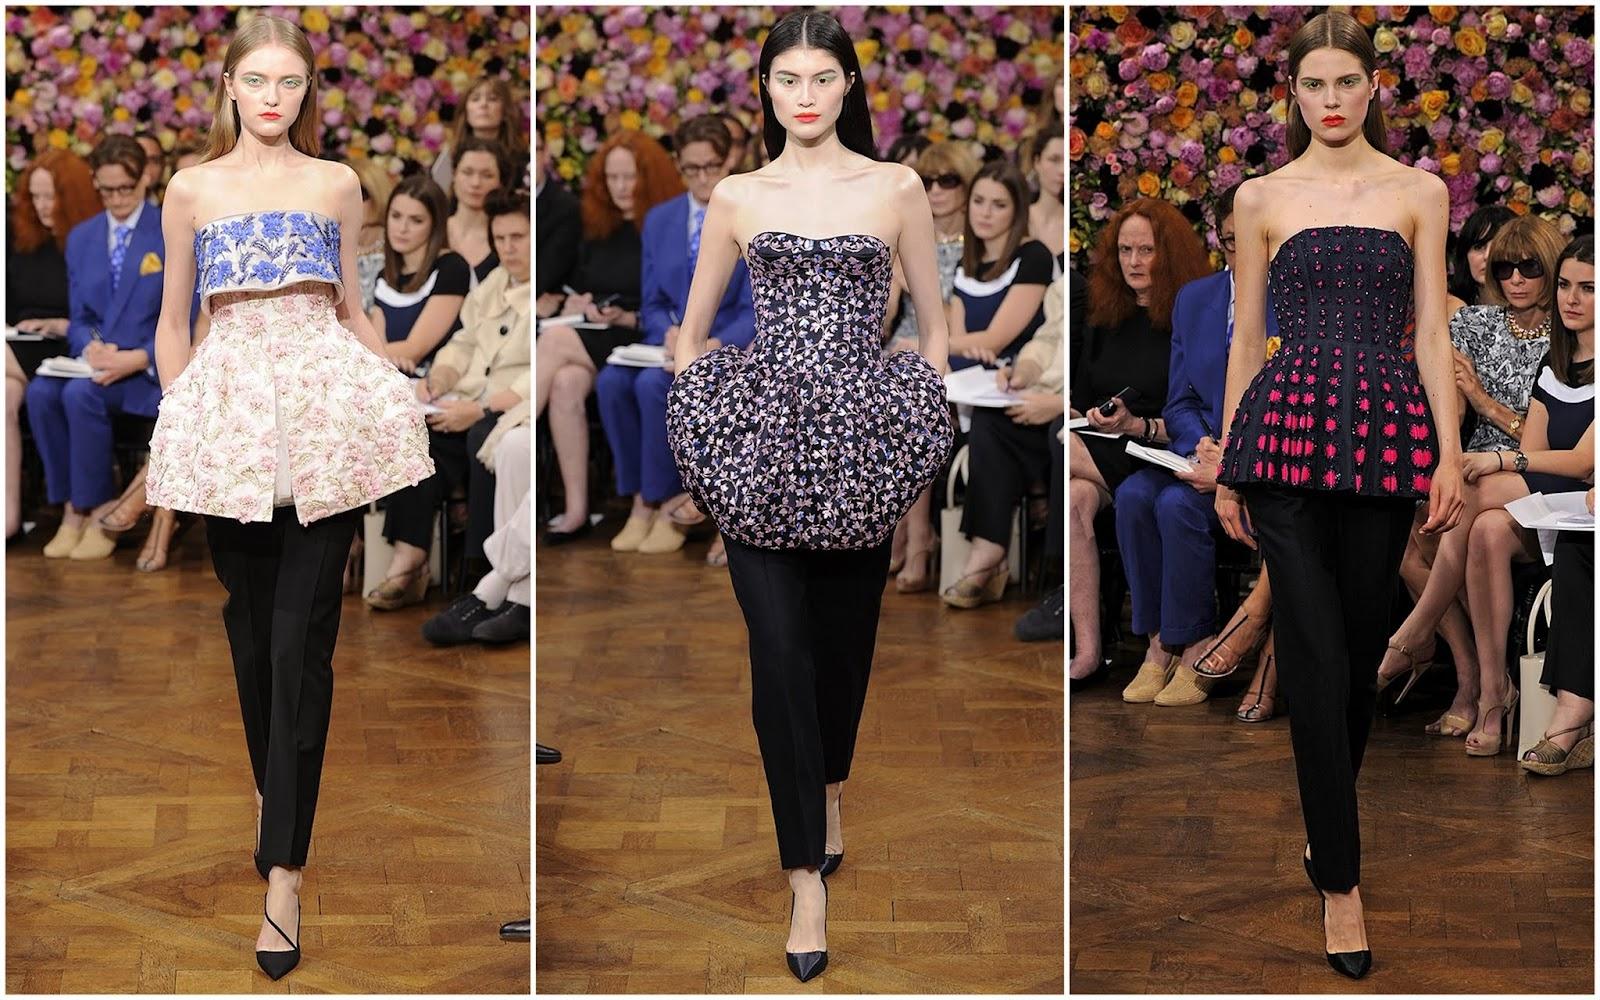 http://3.bp.blogspot.com/-bTAO4faAfeg/T_I9ynCspLI/AAAAAAAALuE/o519FwemGKM/s1600/Dior+Couture+fall+20121.jpg